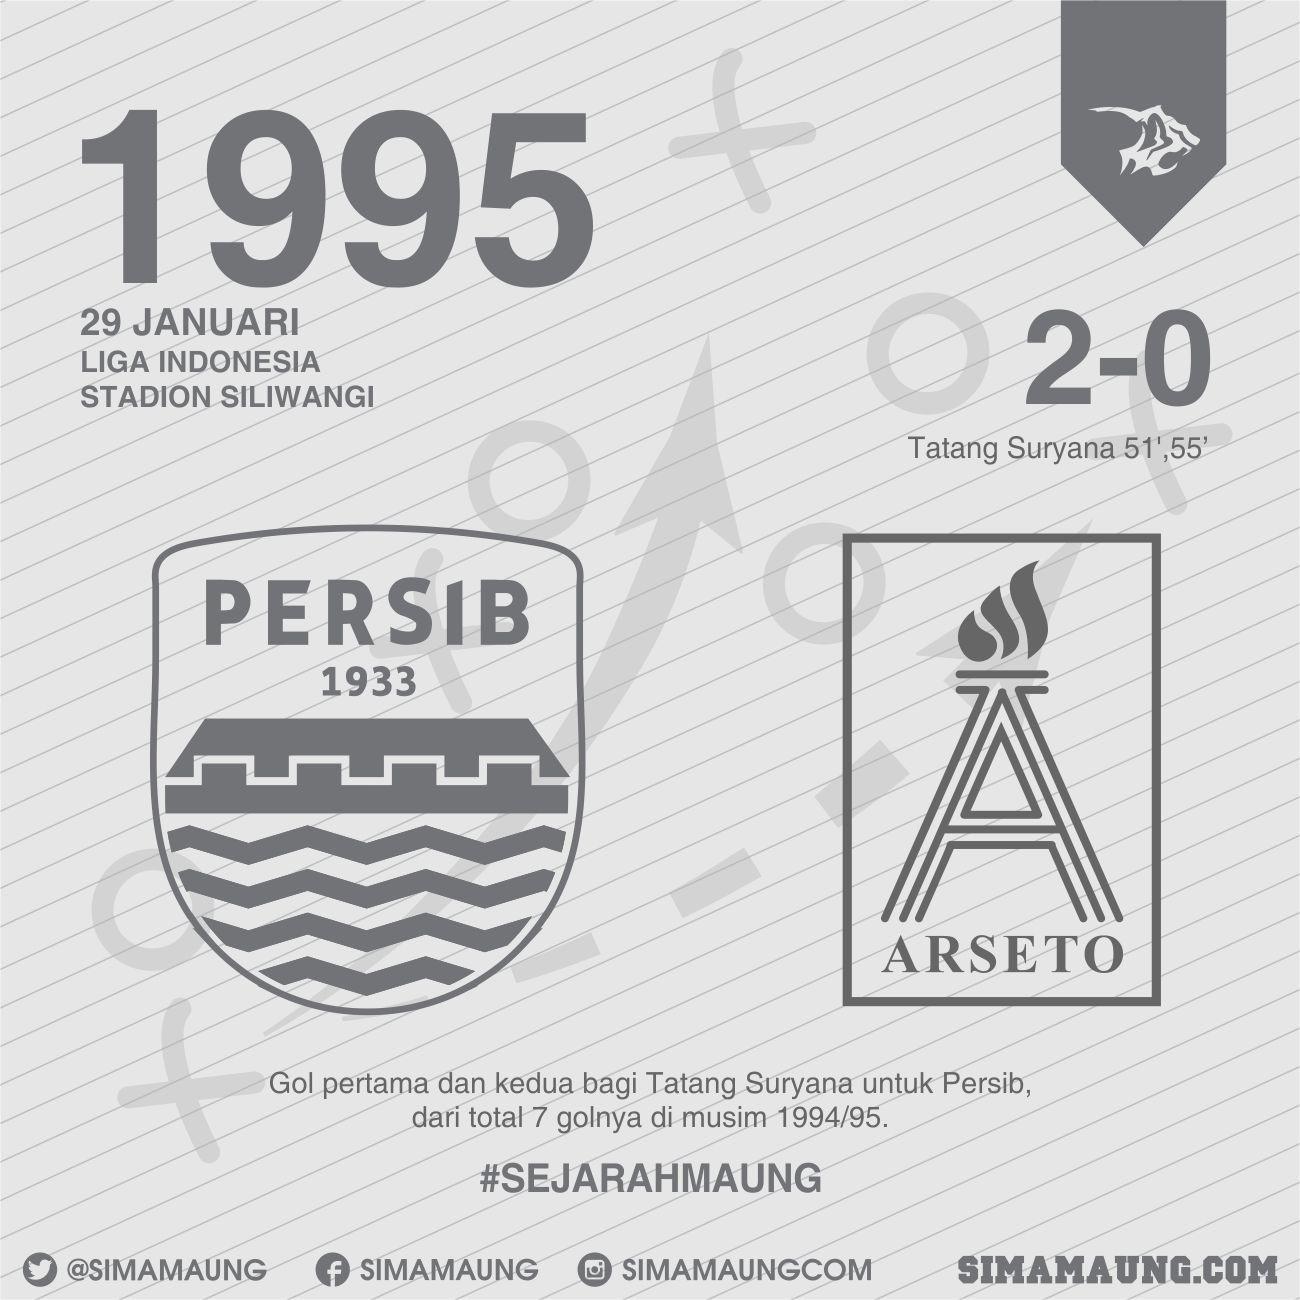 Persib vs Arseto